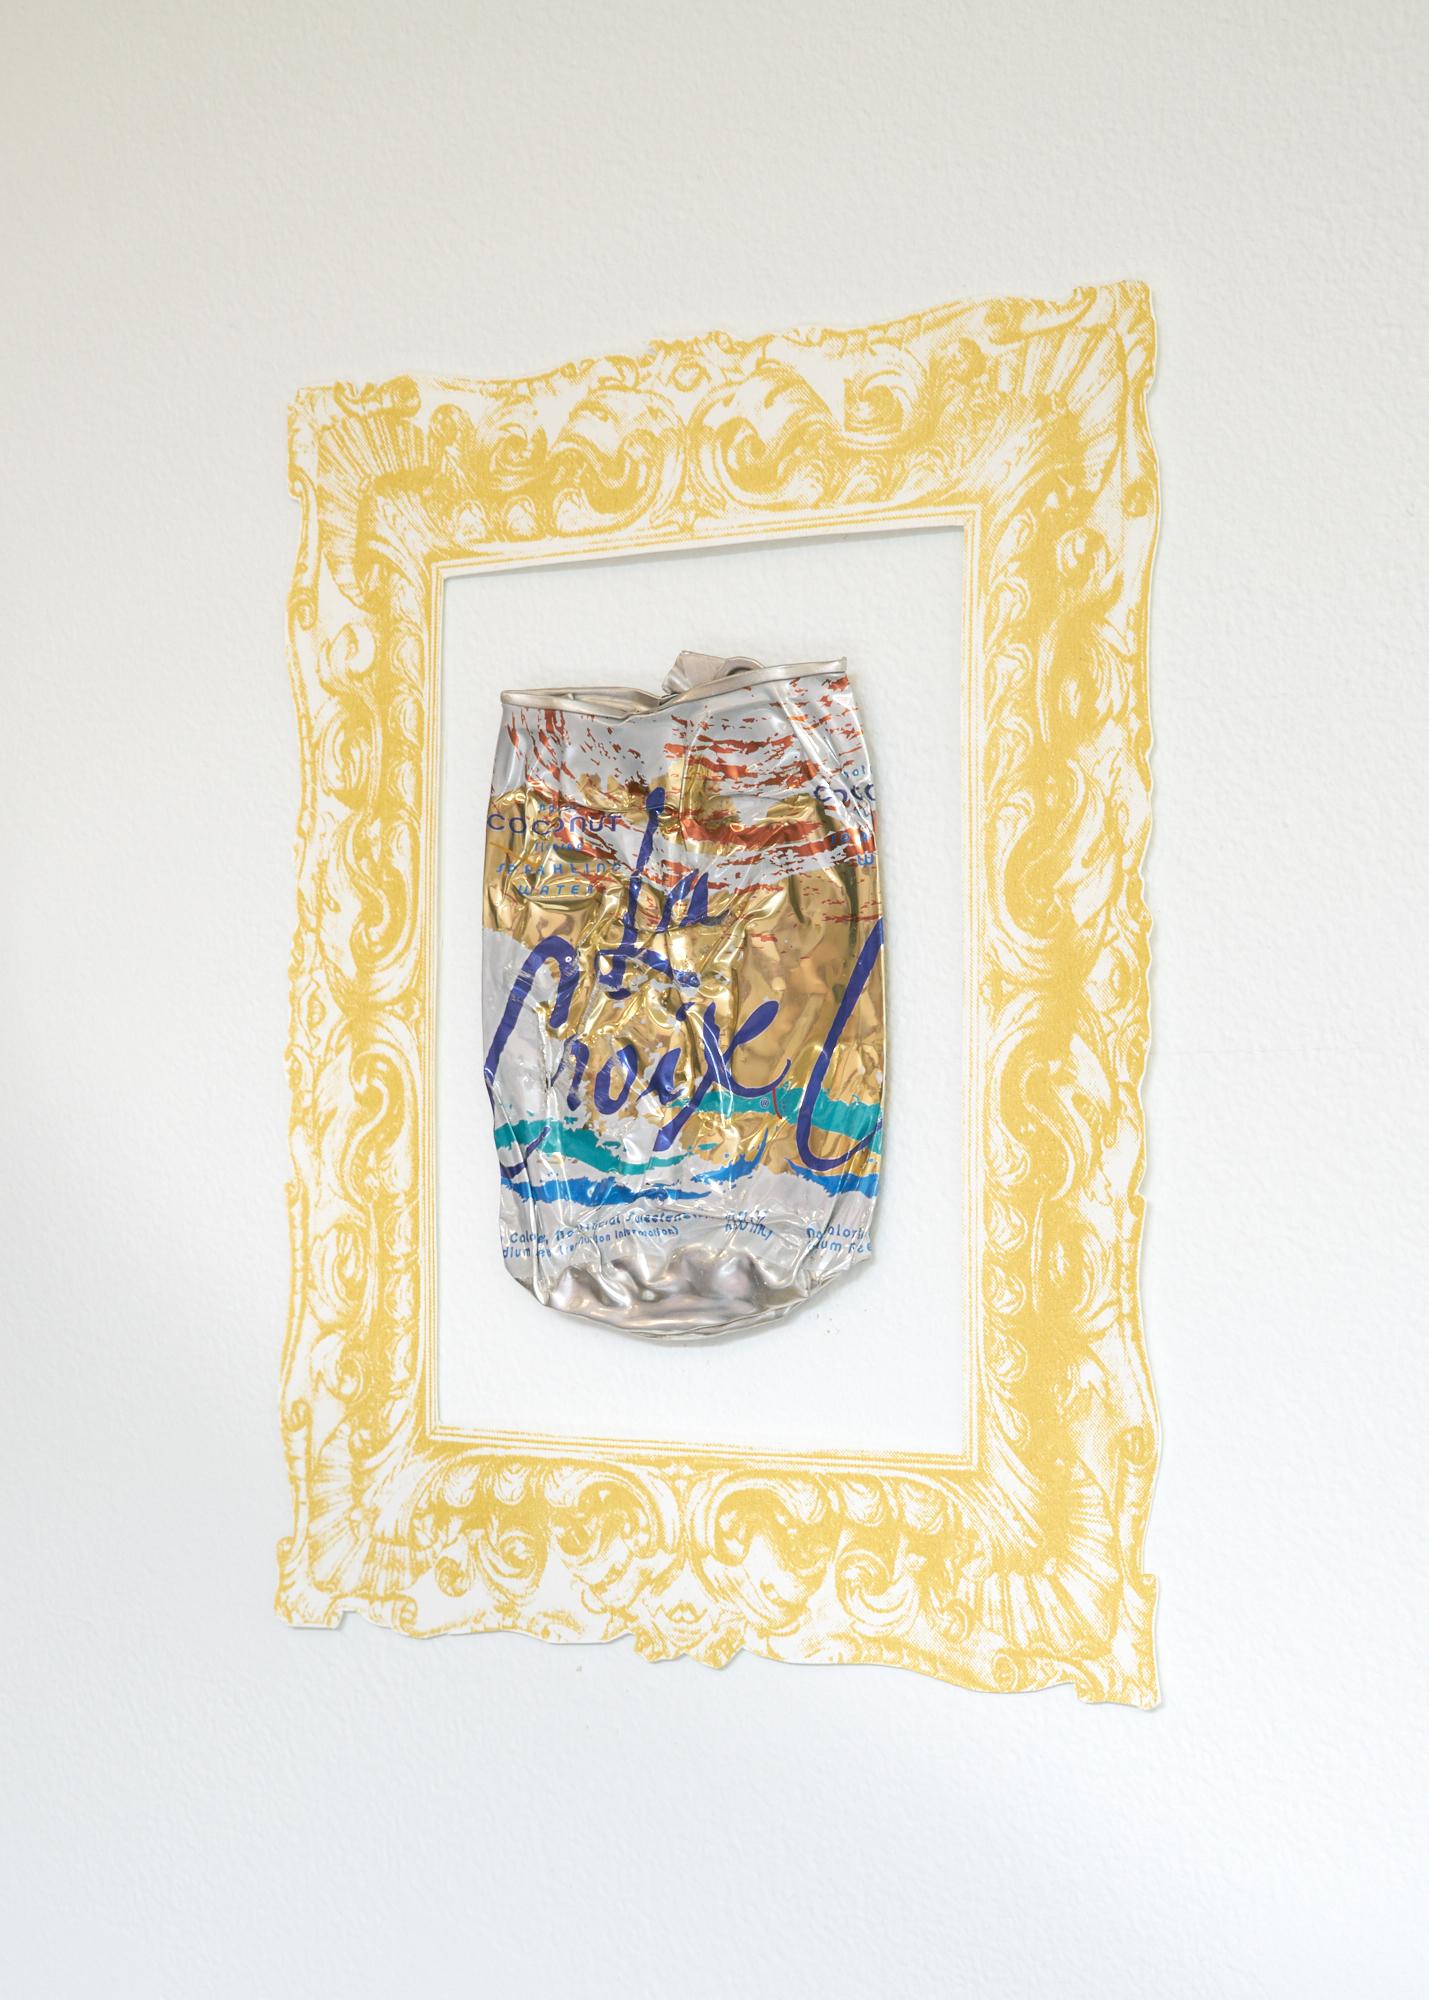 Framed La Croix can detail